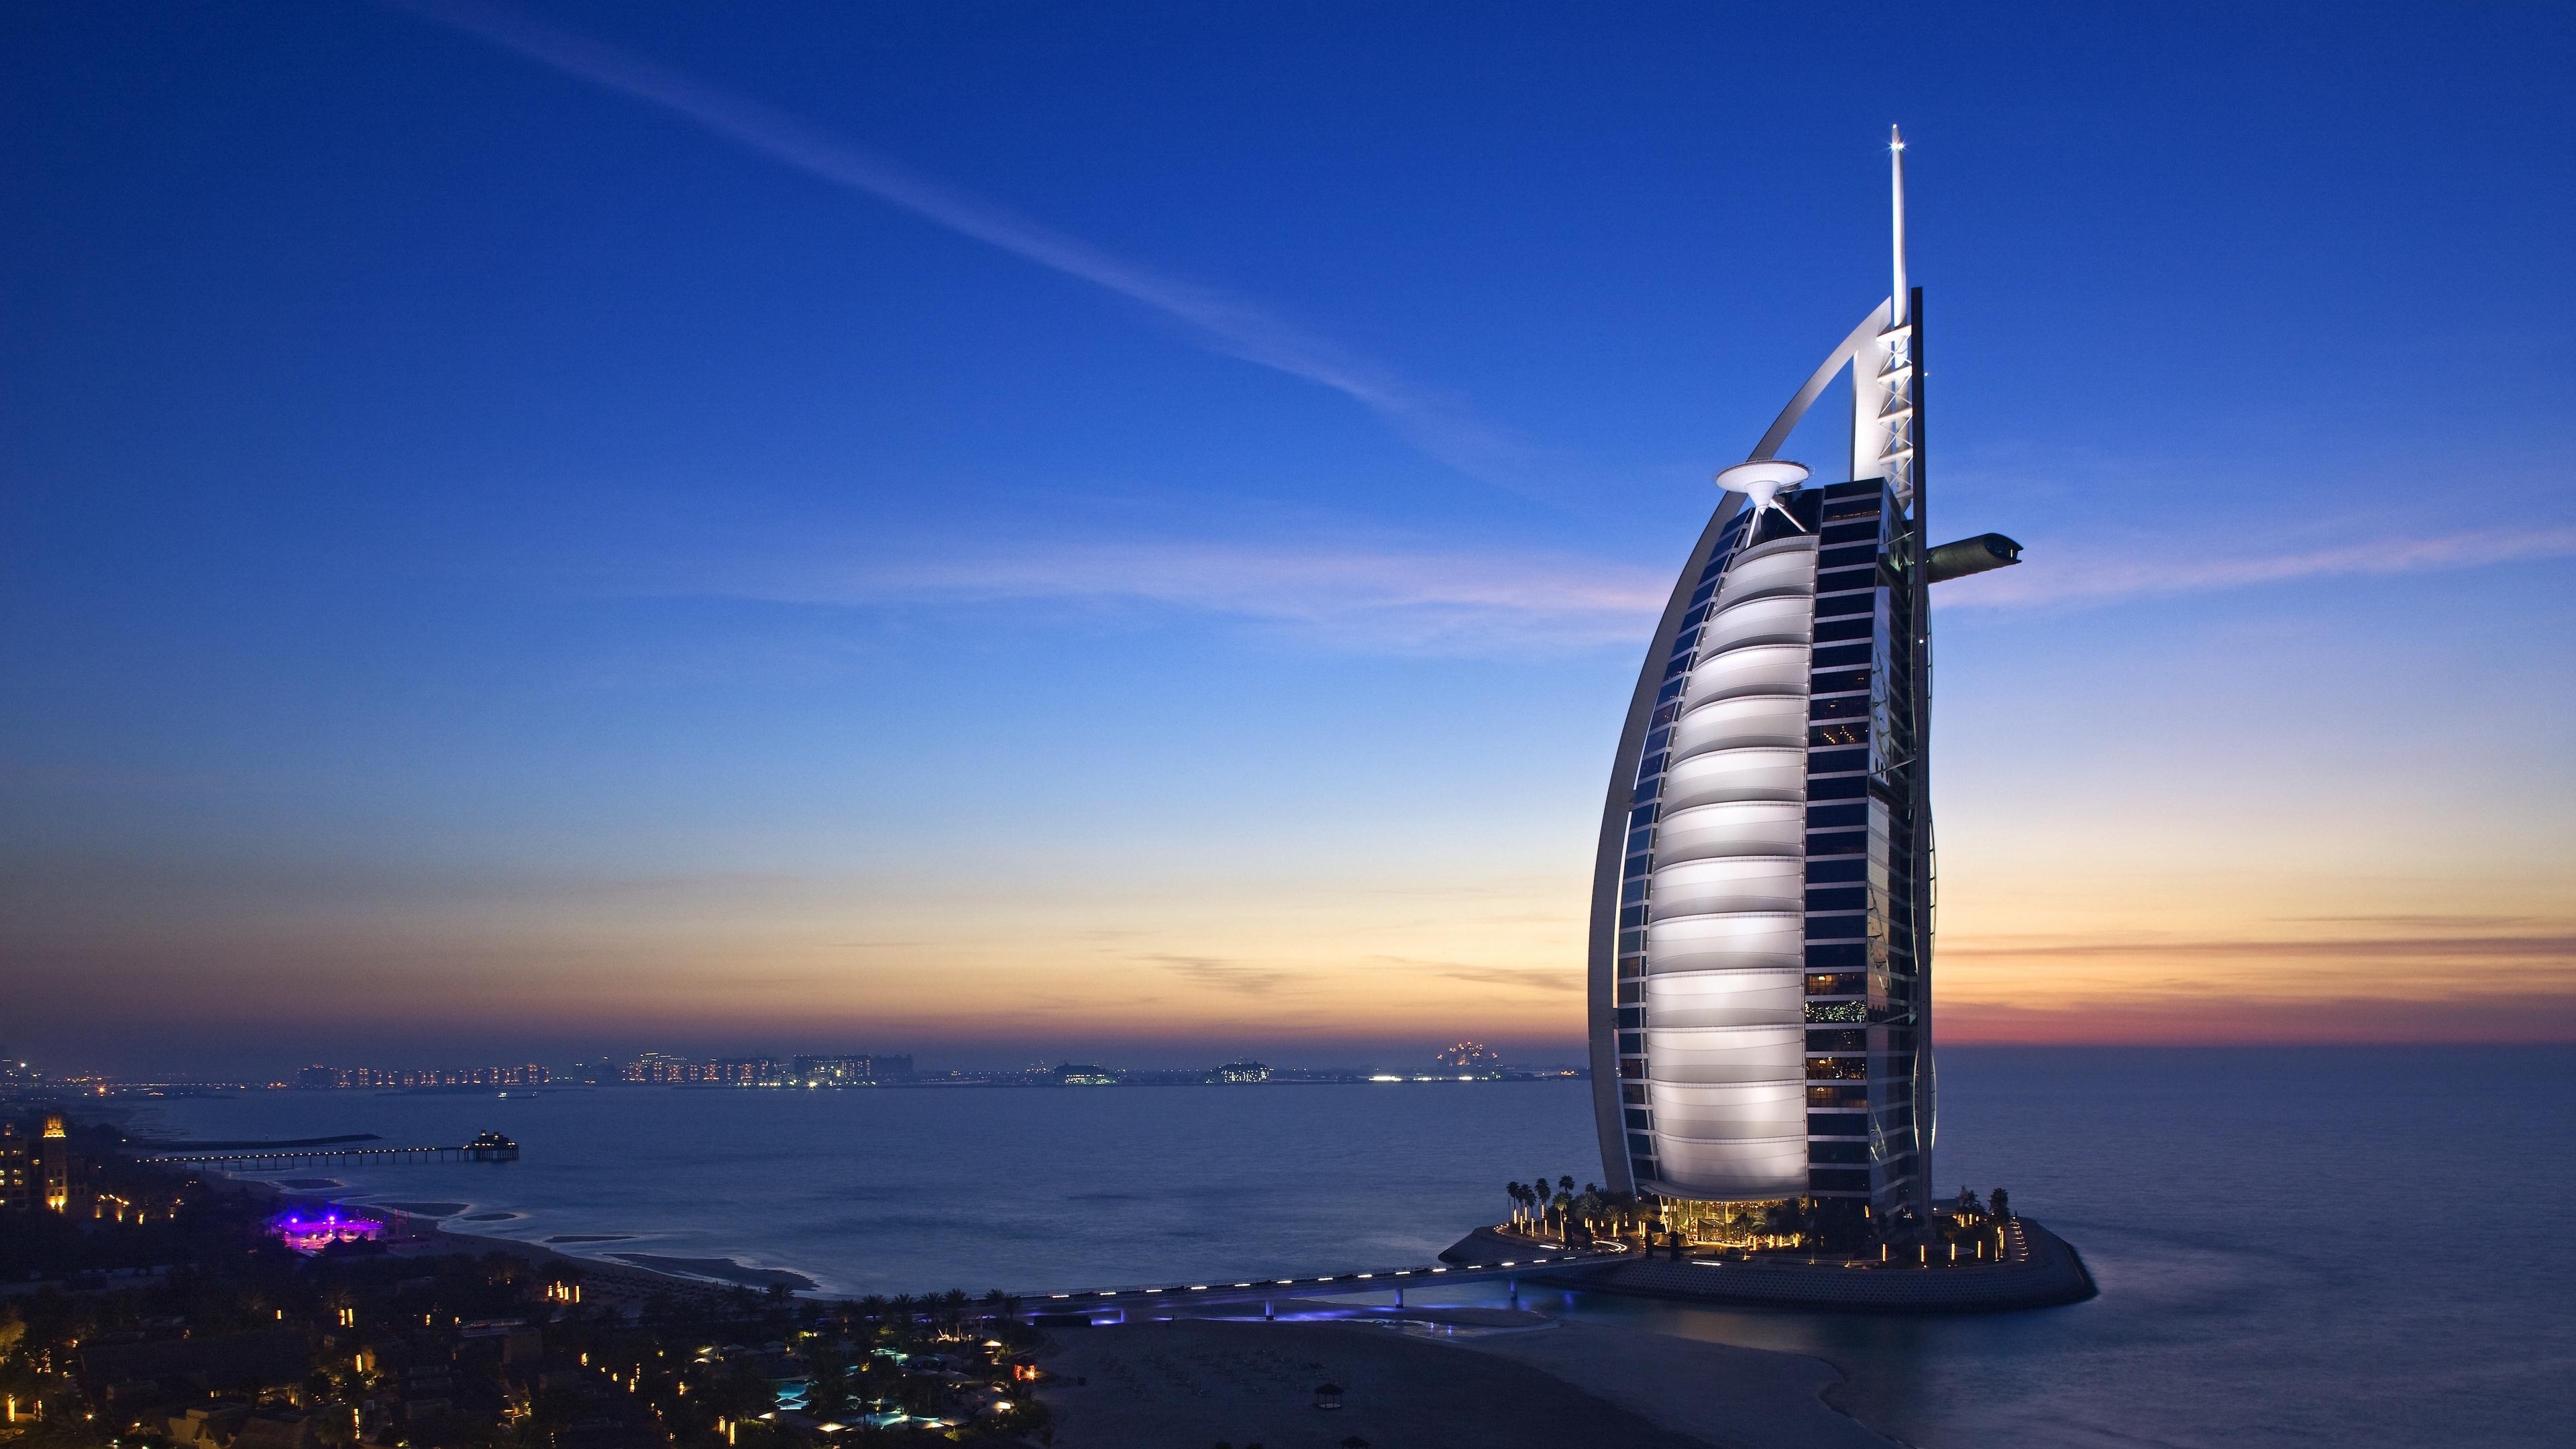 burj al arab hotel dubai uae sky sea 4k 1538065697 - burj al arab hotel, dubai, uae, sky, sea 4k - uae, Dubai, burj al arab hotel